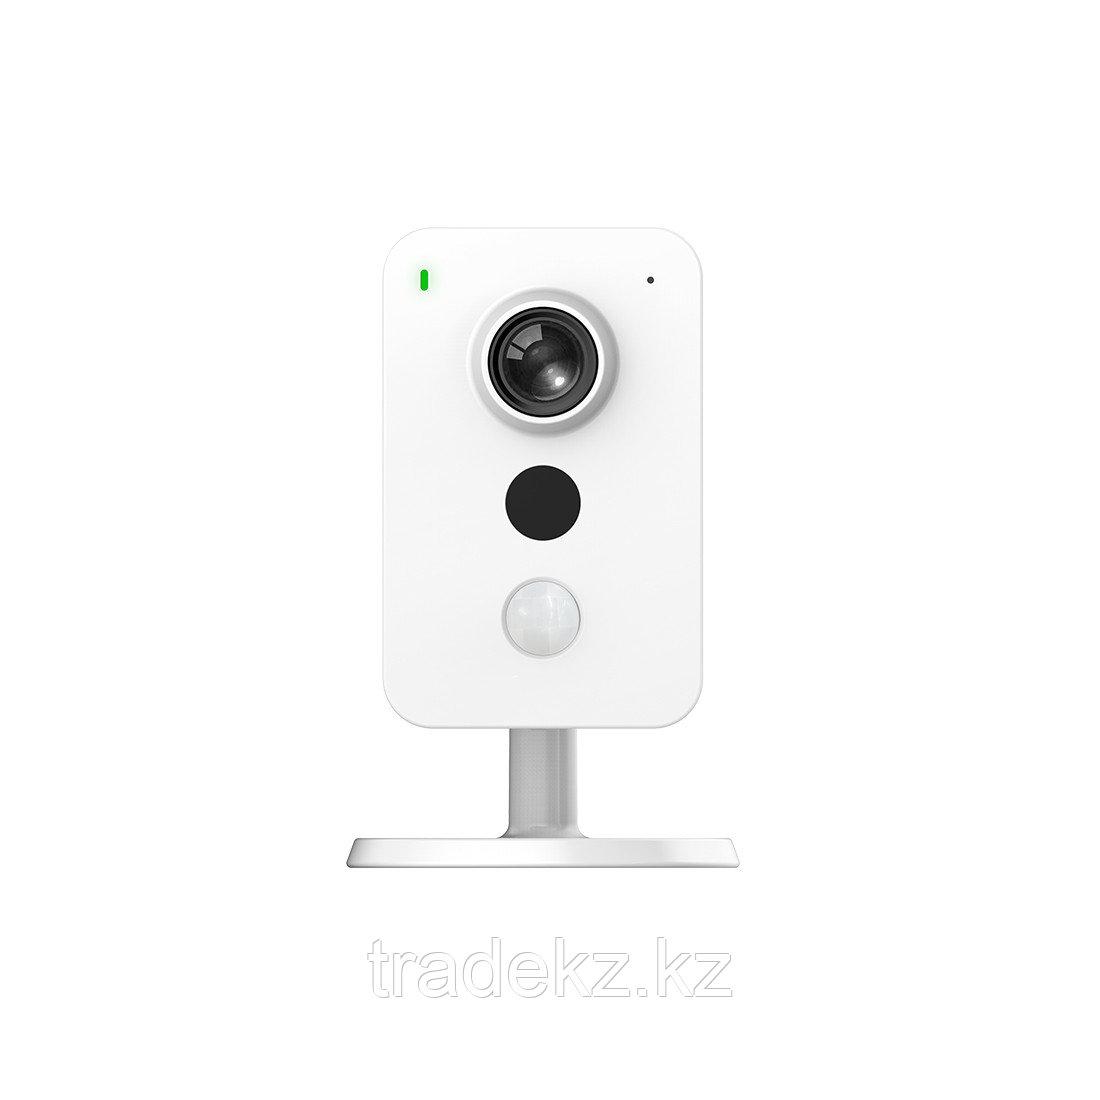 Интернет-камера, Wi-Fi видеокамера Imou IPC-K42